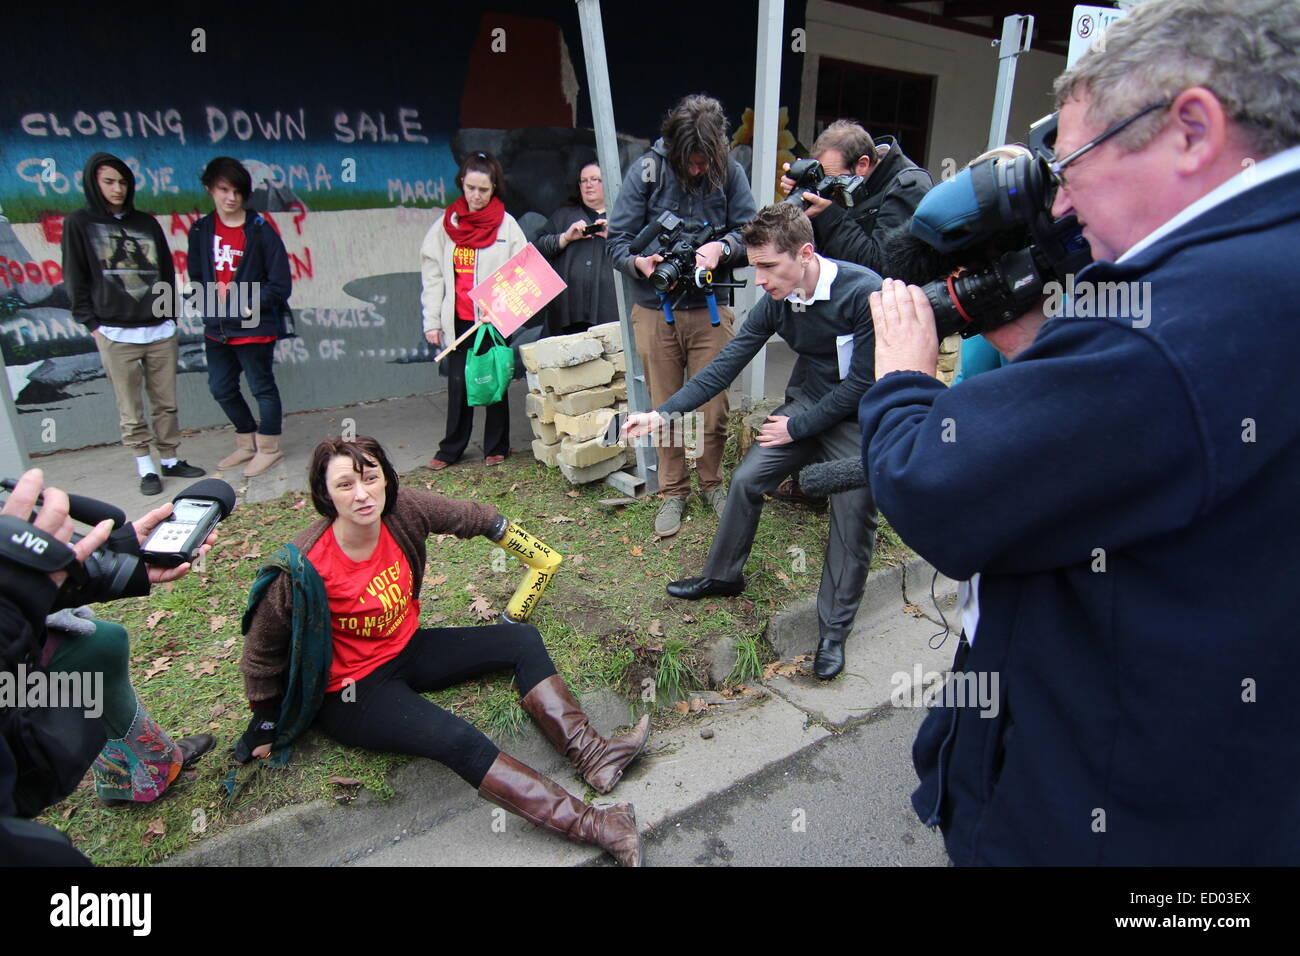 Demonstrant mit Spannvorrichtung am Arm, da sie von Medien und Journalisten umgeben ist. Stockbild